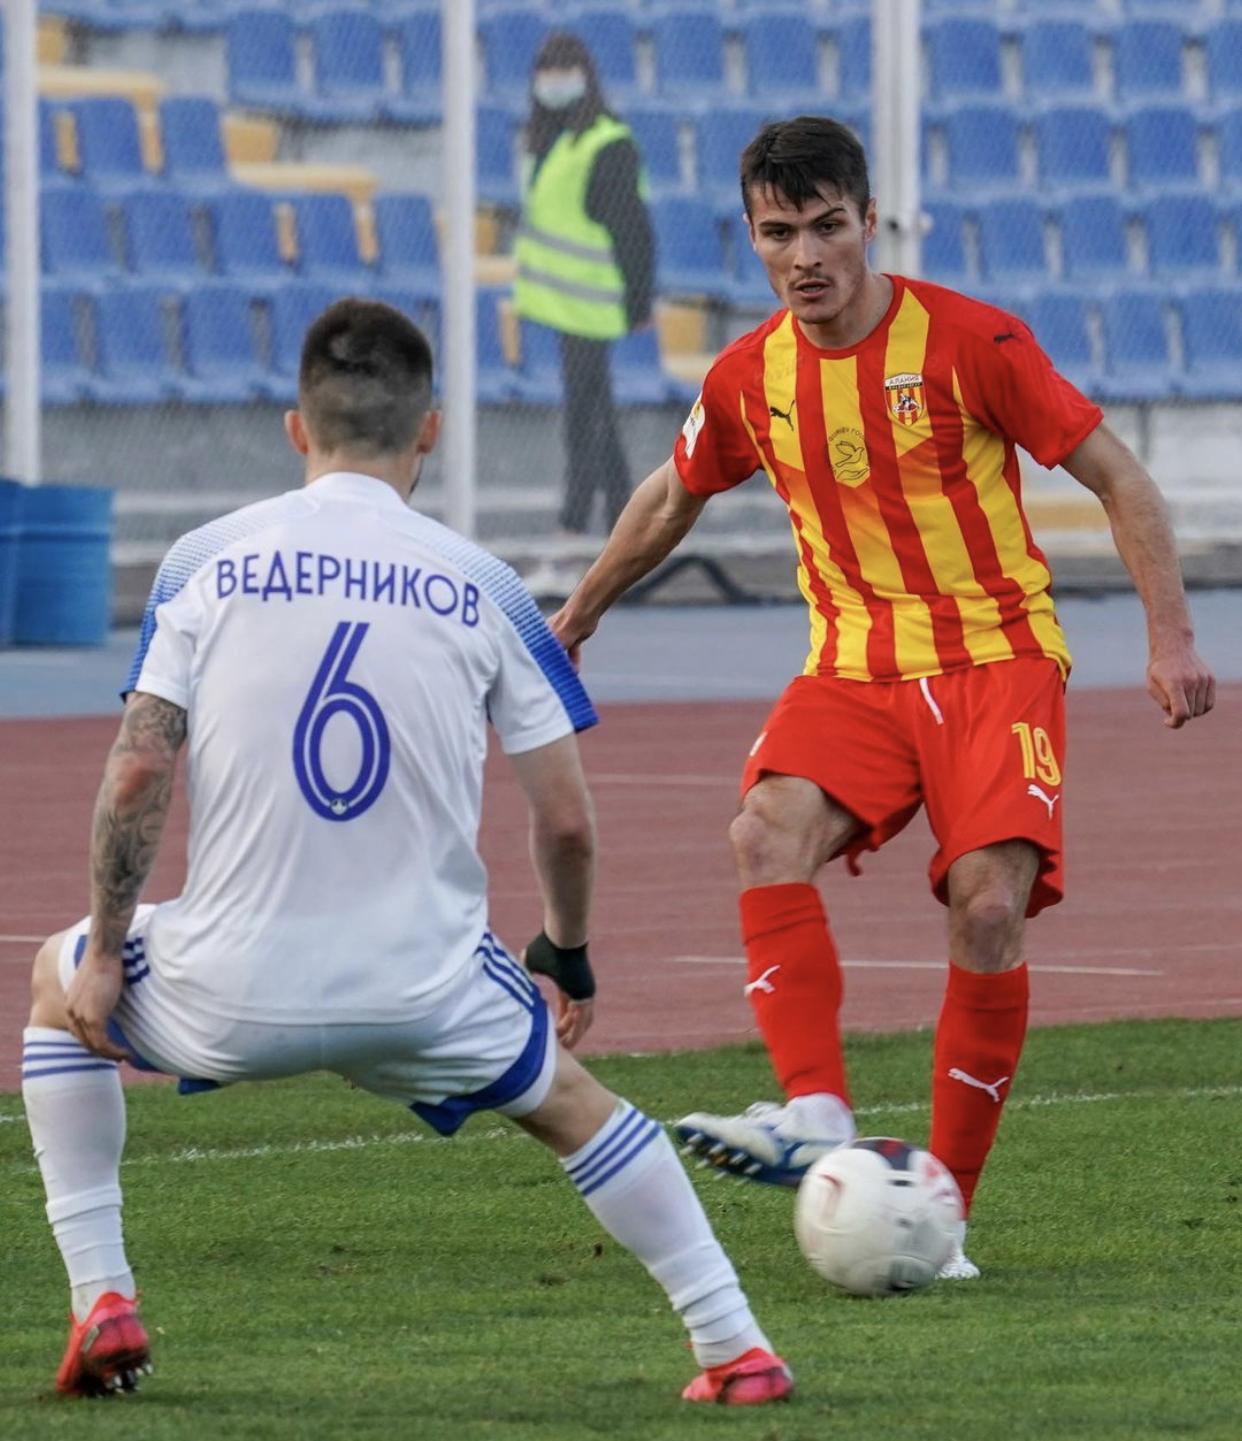 «Волгарь» выиграл у «Алании» благодаря суперголу Болонина с 70 метров